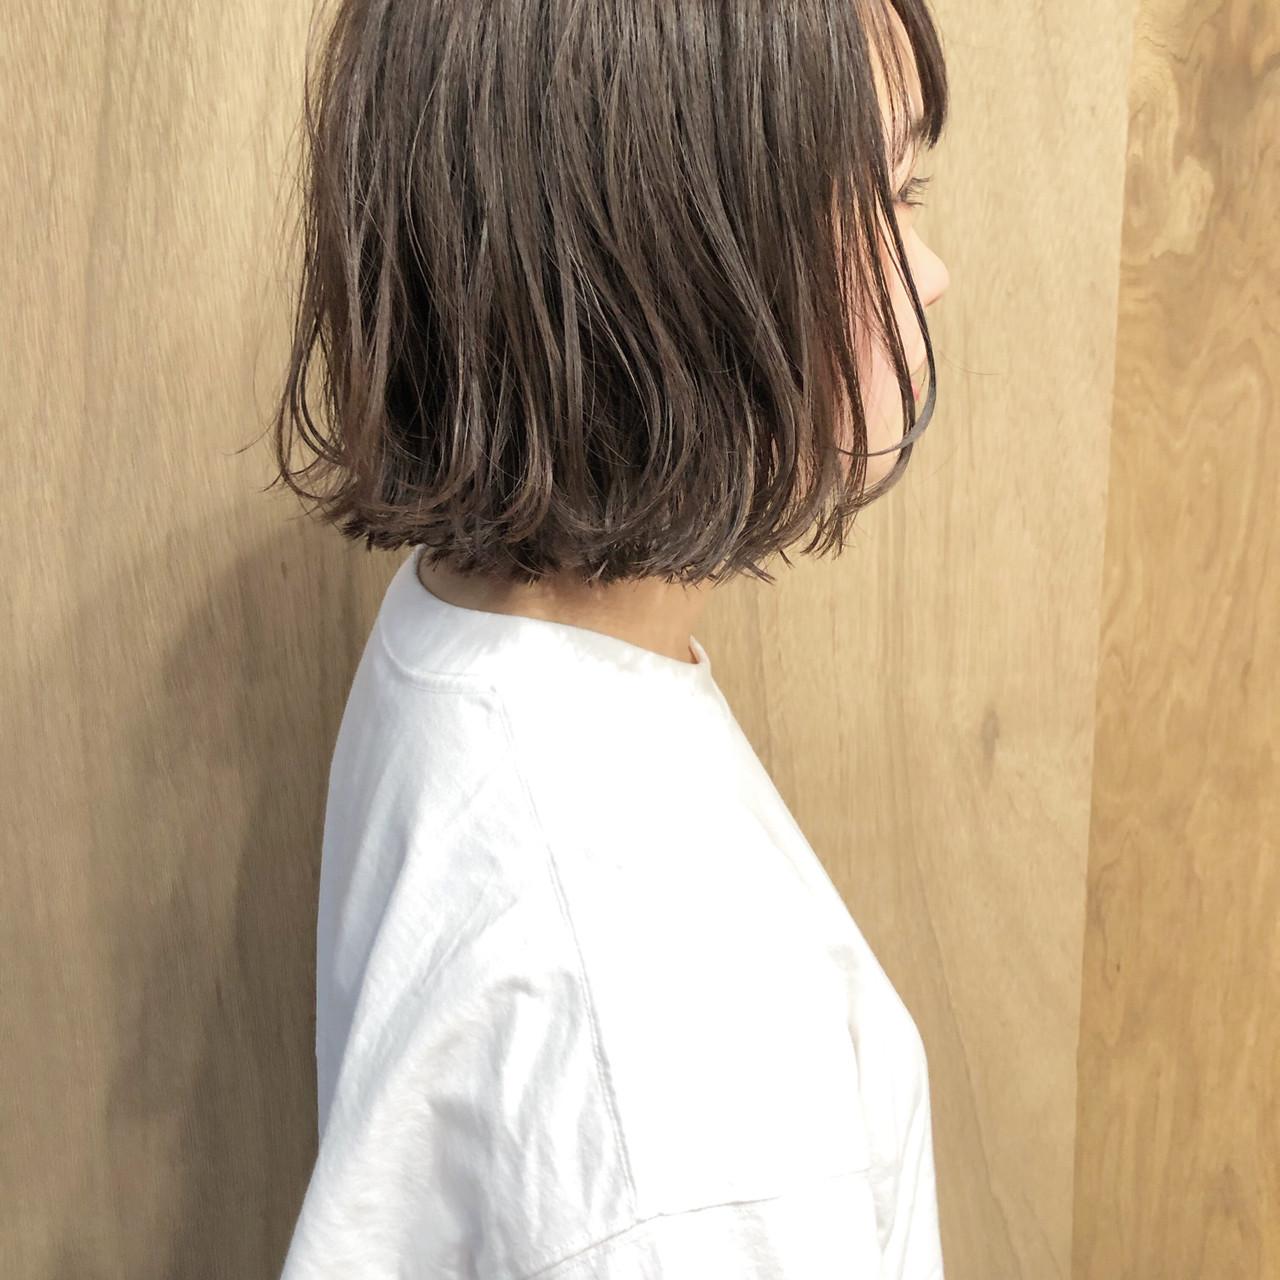 外ハネボブ ハンサムショート ナチュラル ミニボブ ヘアスタイルや髪型の写真・画像   松井勇樹 / TWiGGY  歩行町店